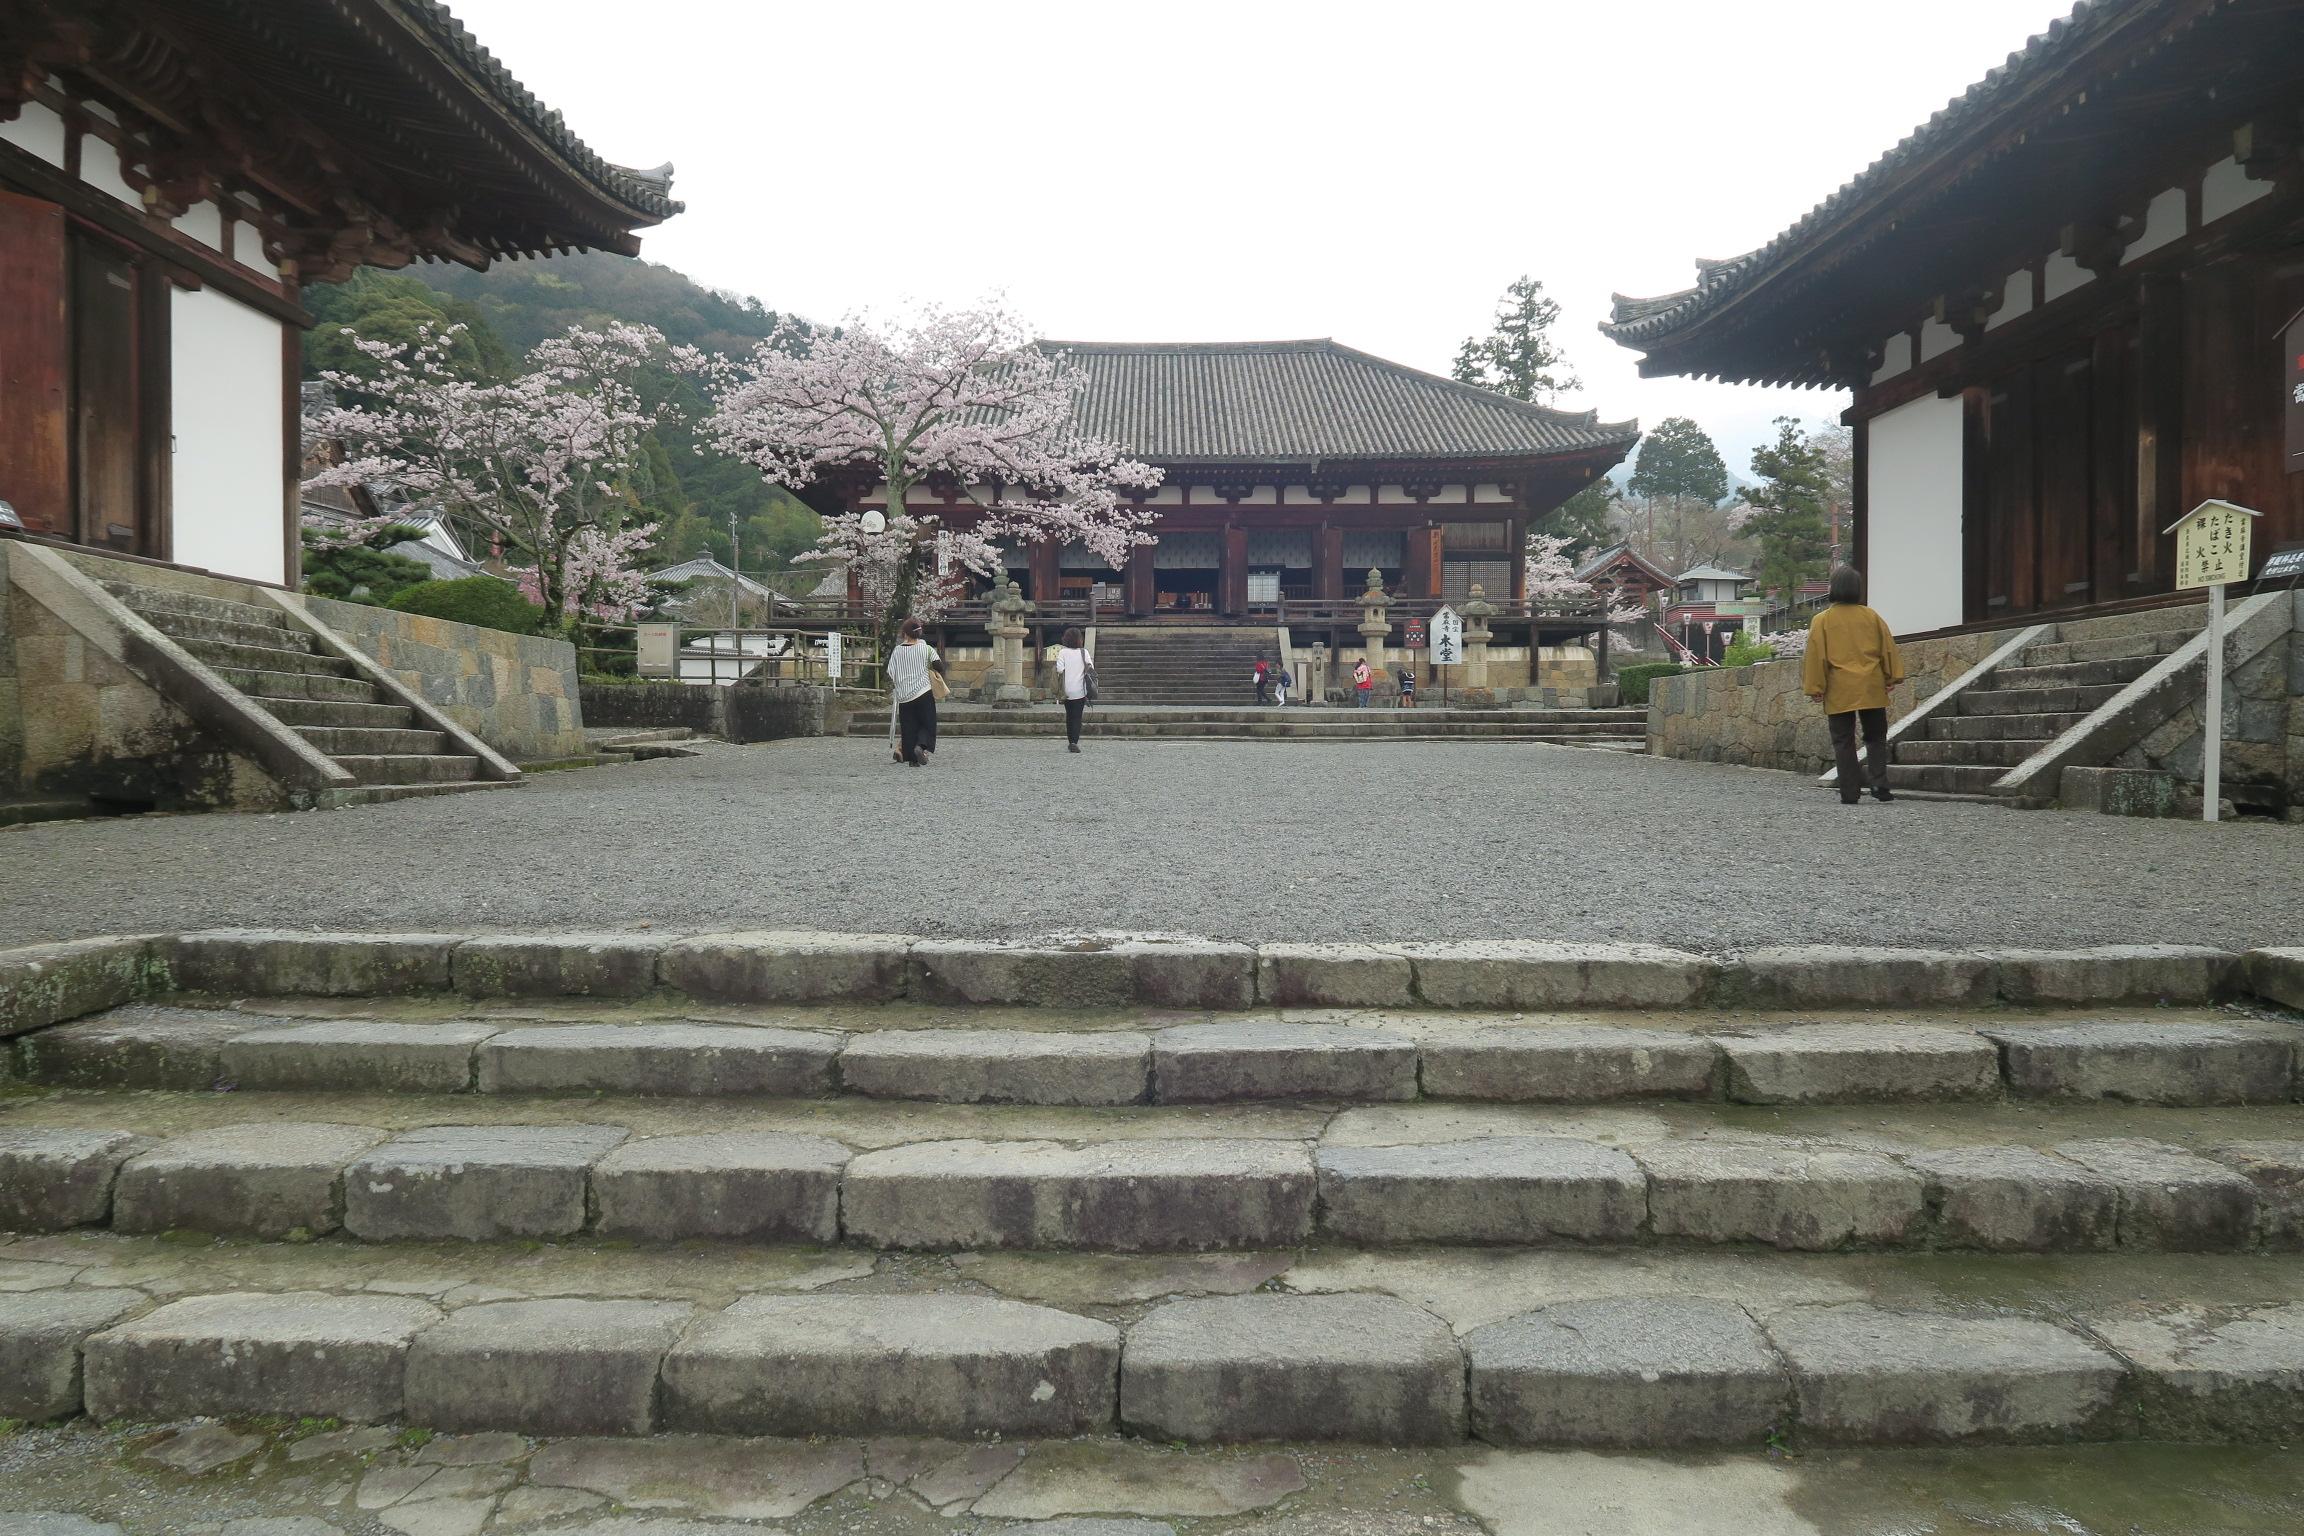 一時、バスツアーのお客さんであふれていましたが、基本的に静かに過ごせるお寺です。